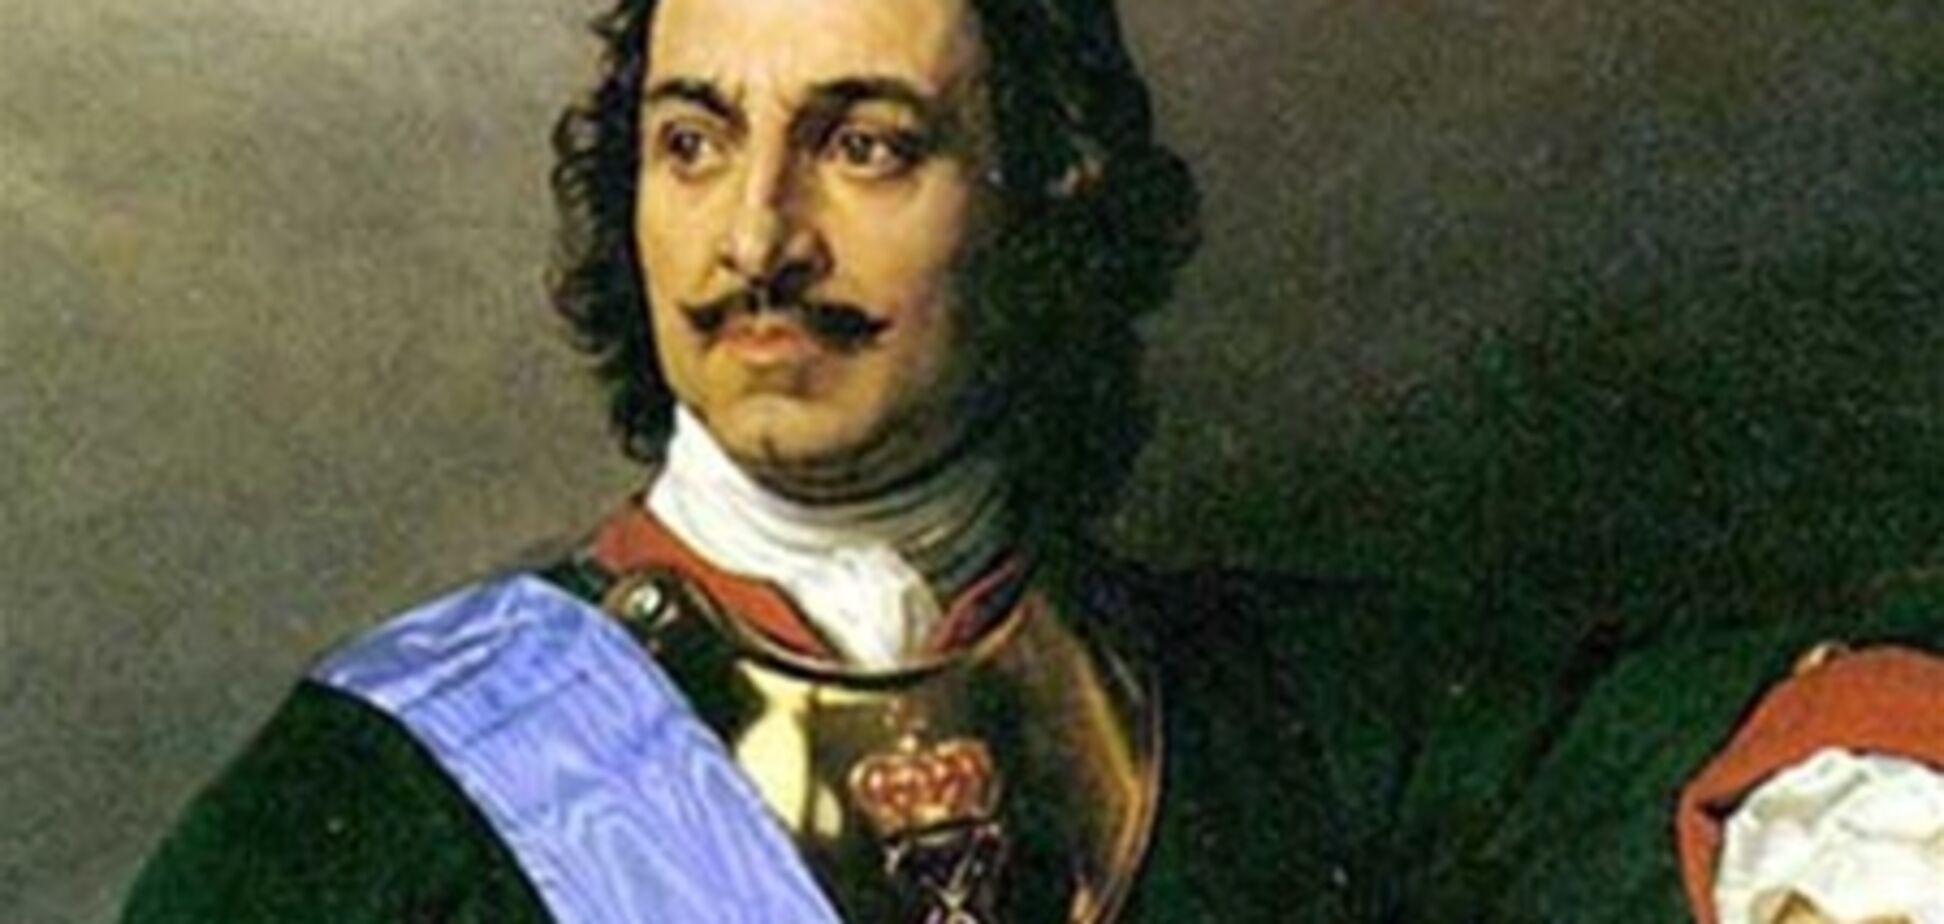 Первым застройщиком-вандалом в Киеве был Петр первый - мнение